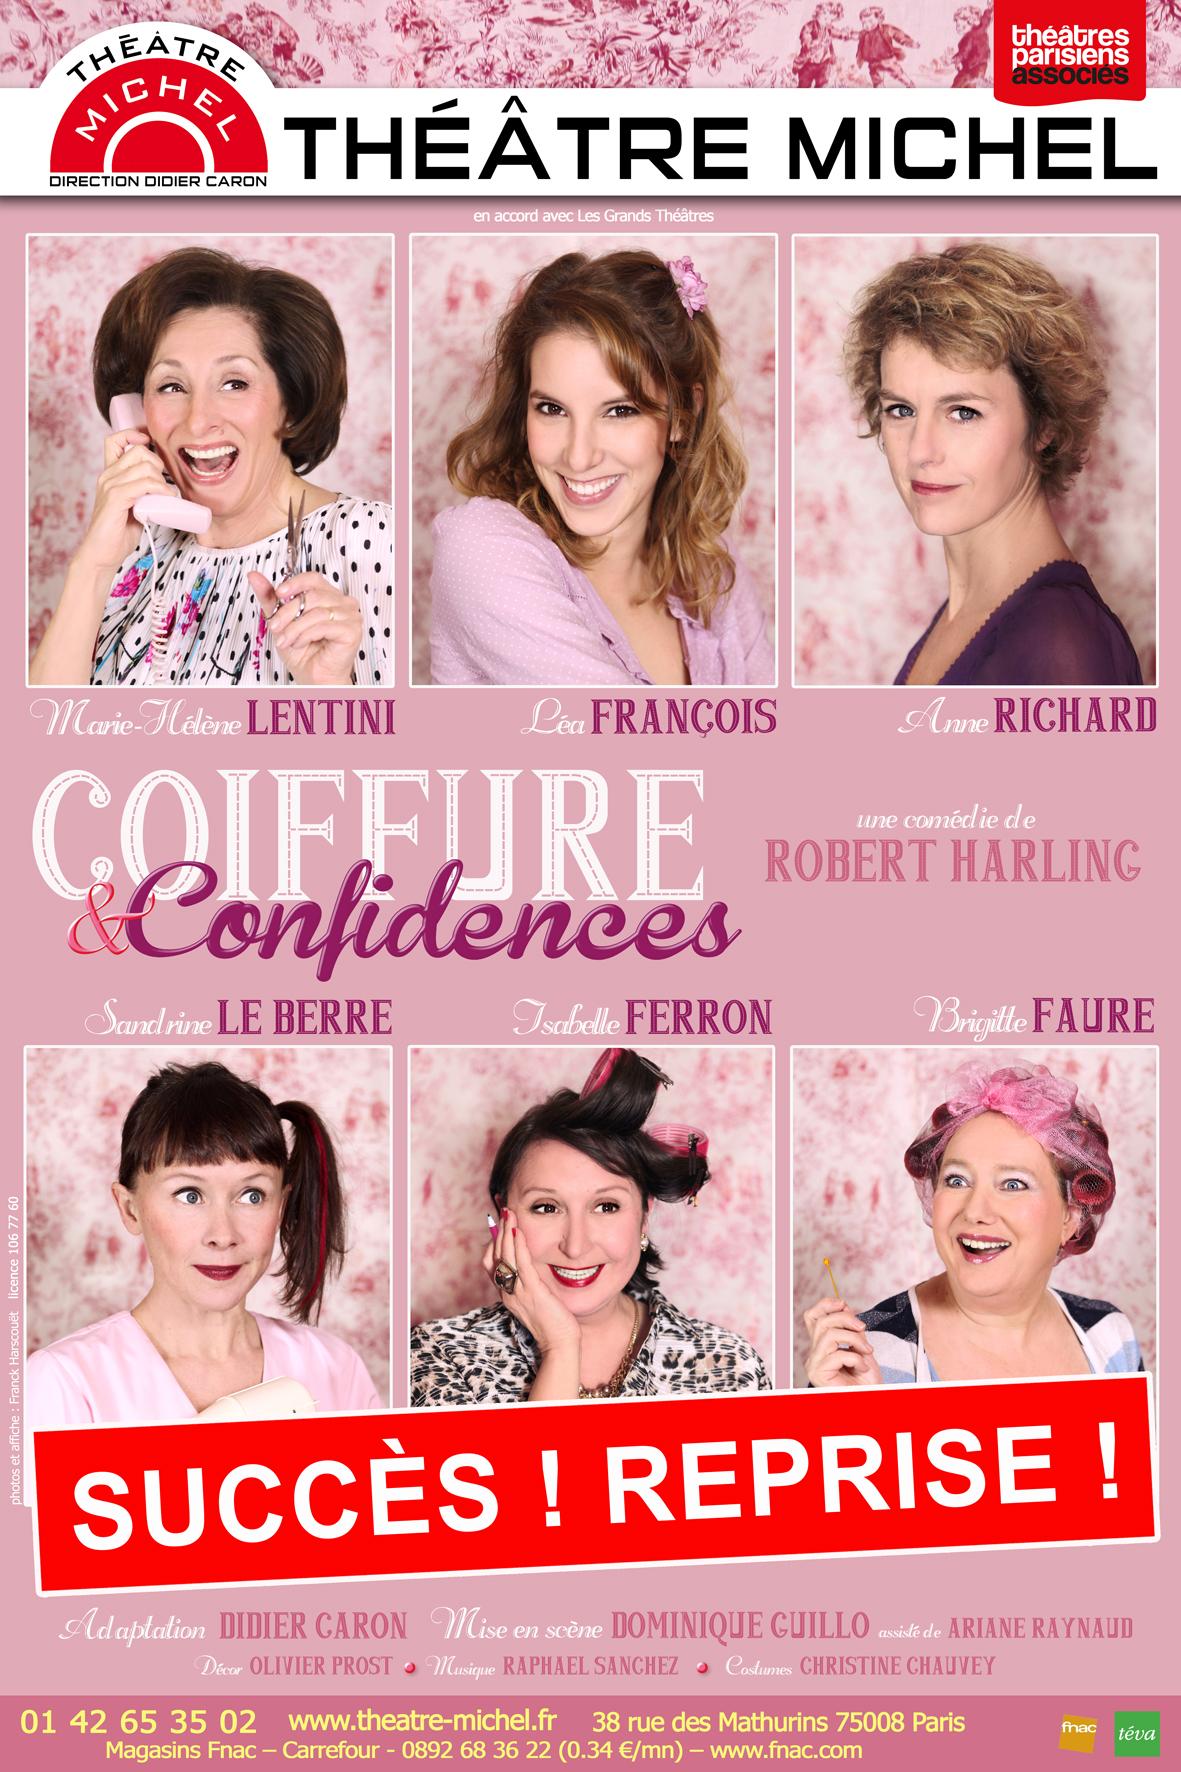 Coiffure et confidences au théâtre Michel